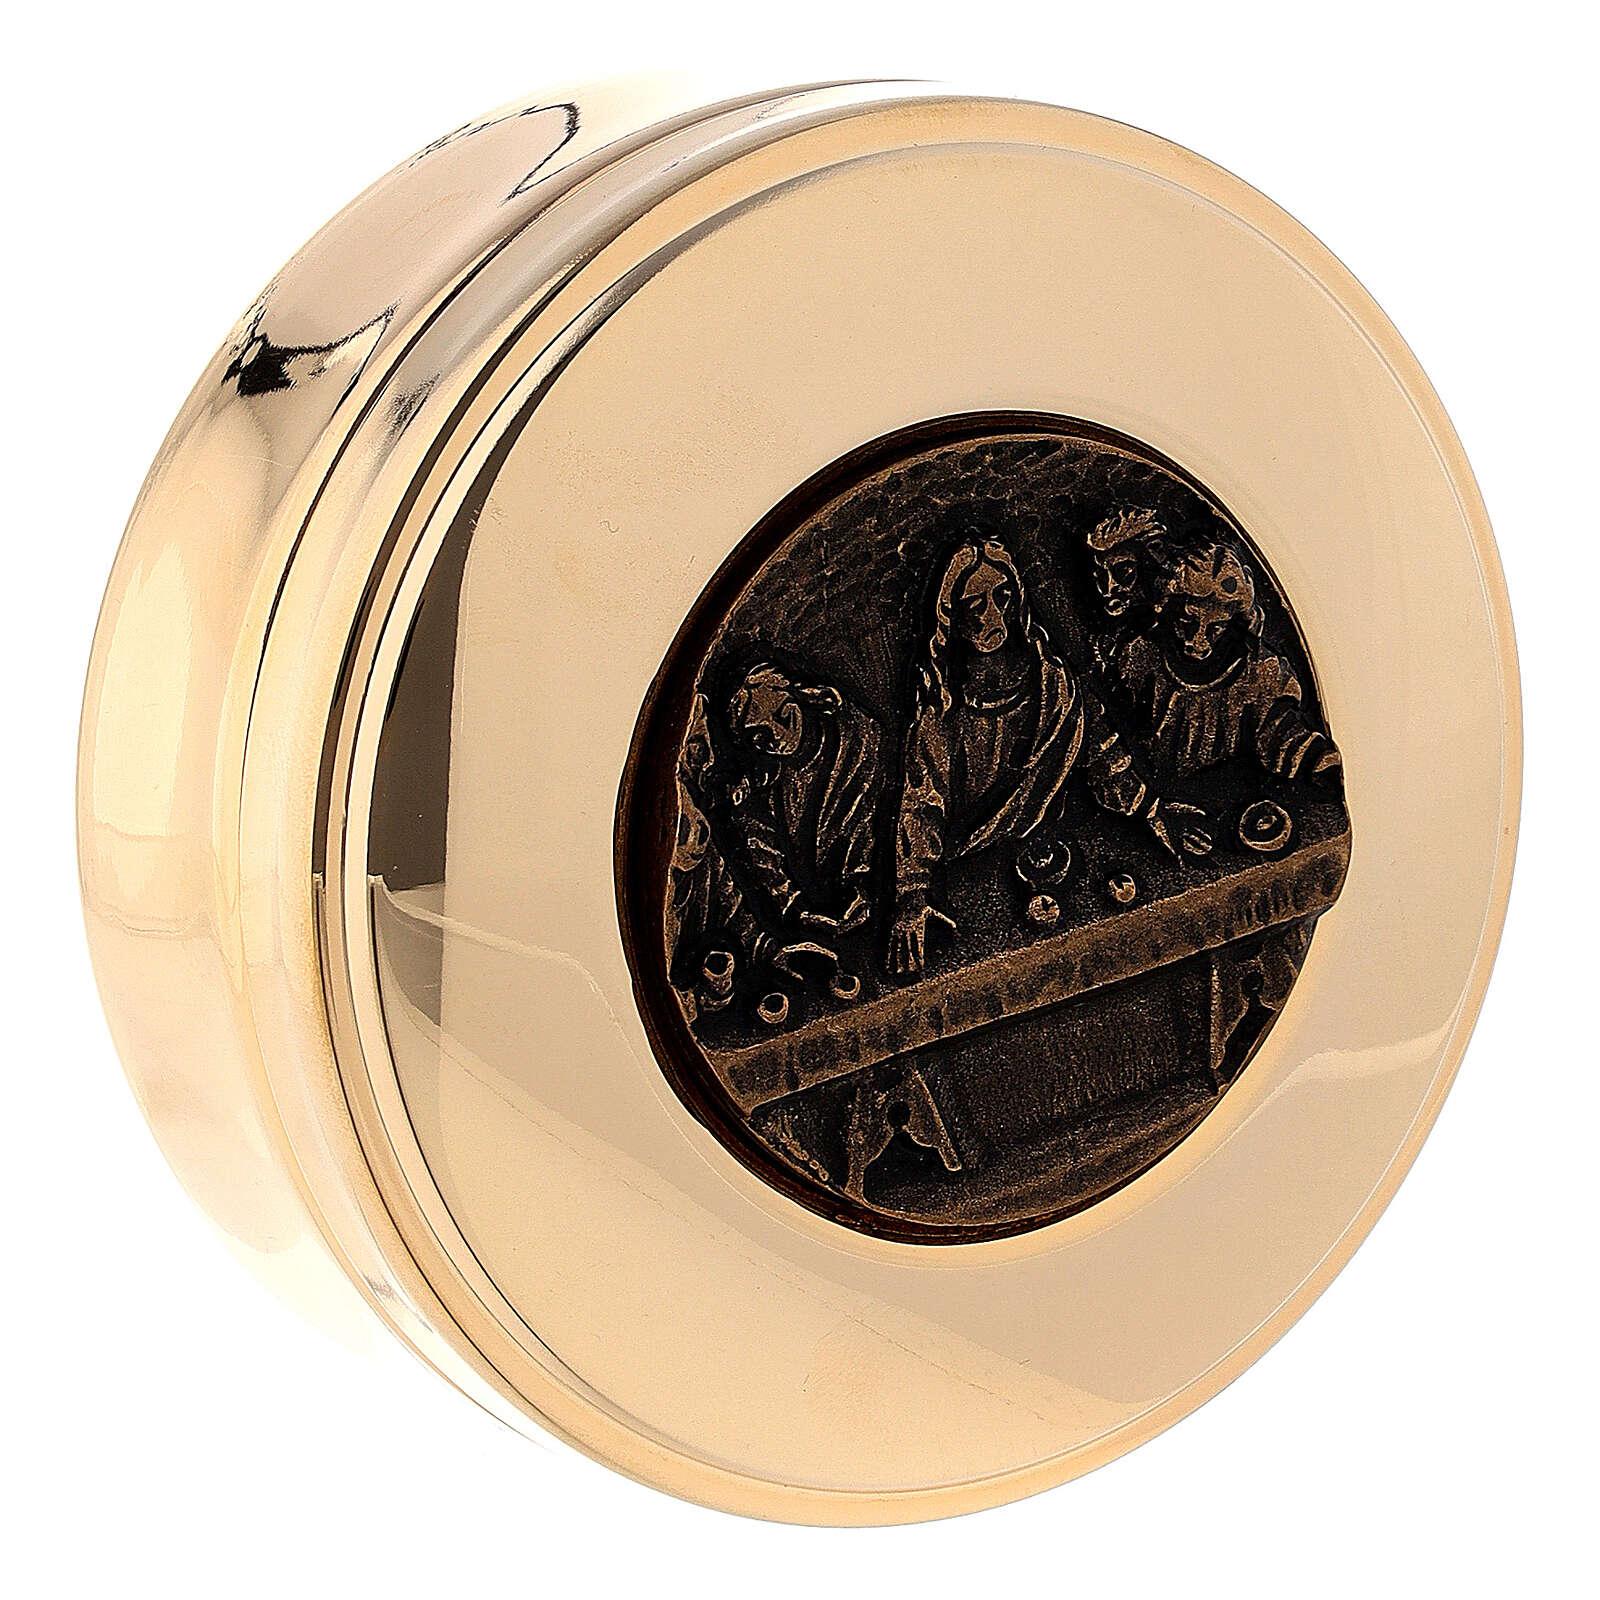 Caja para hostias placa Última Cena bronceada diám 8 cm 3